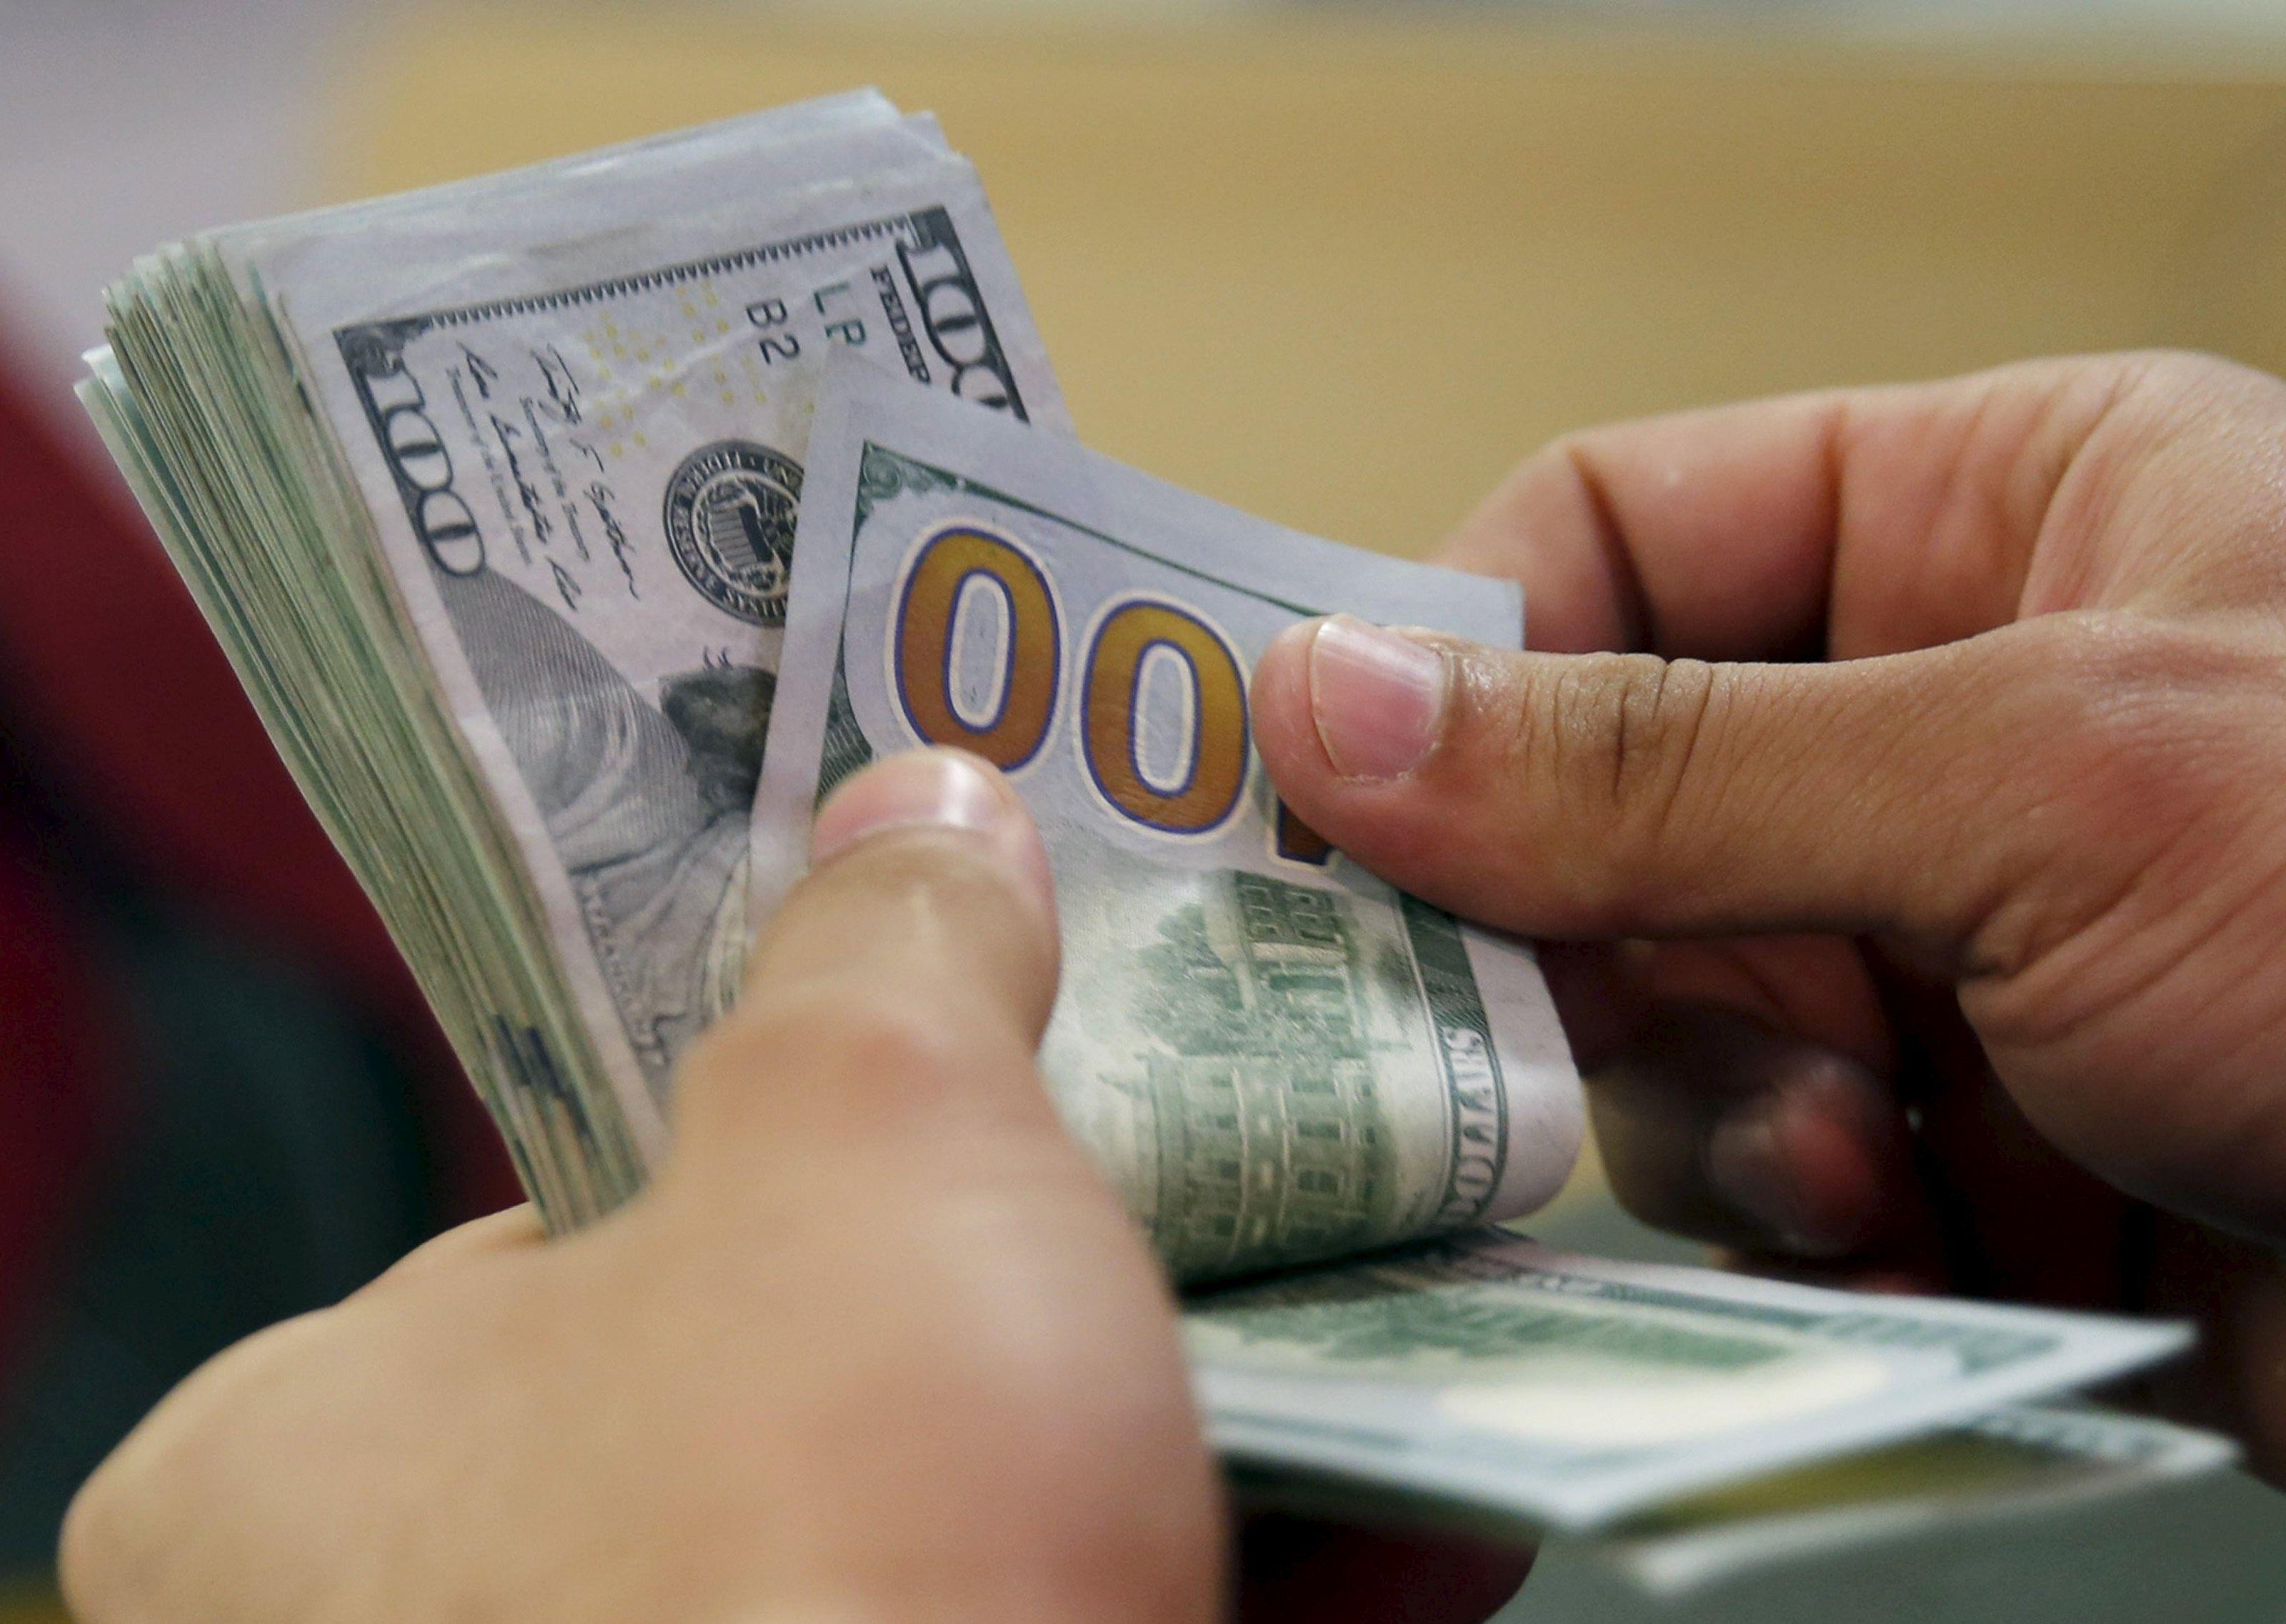 По отношению к доллару гривня ослабла на 8 копеек/Иллюстрация REUTERS